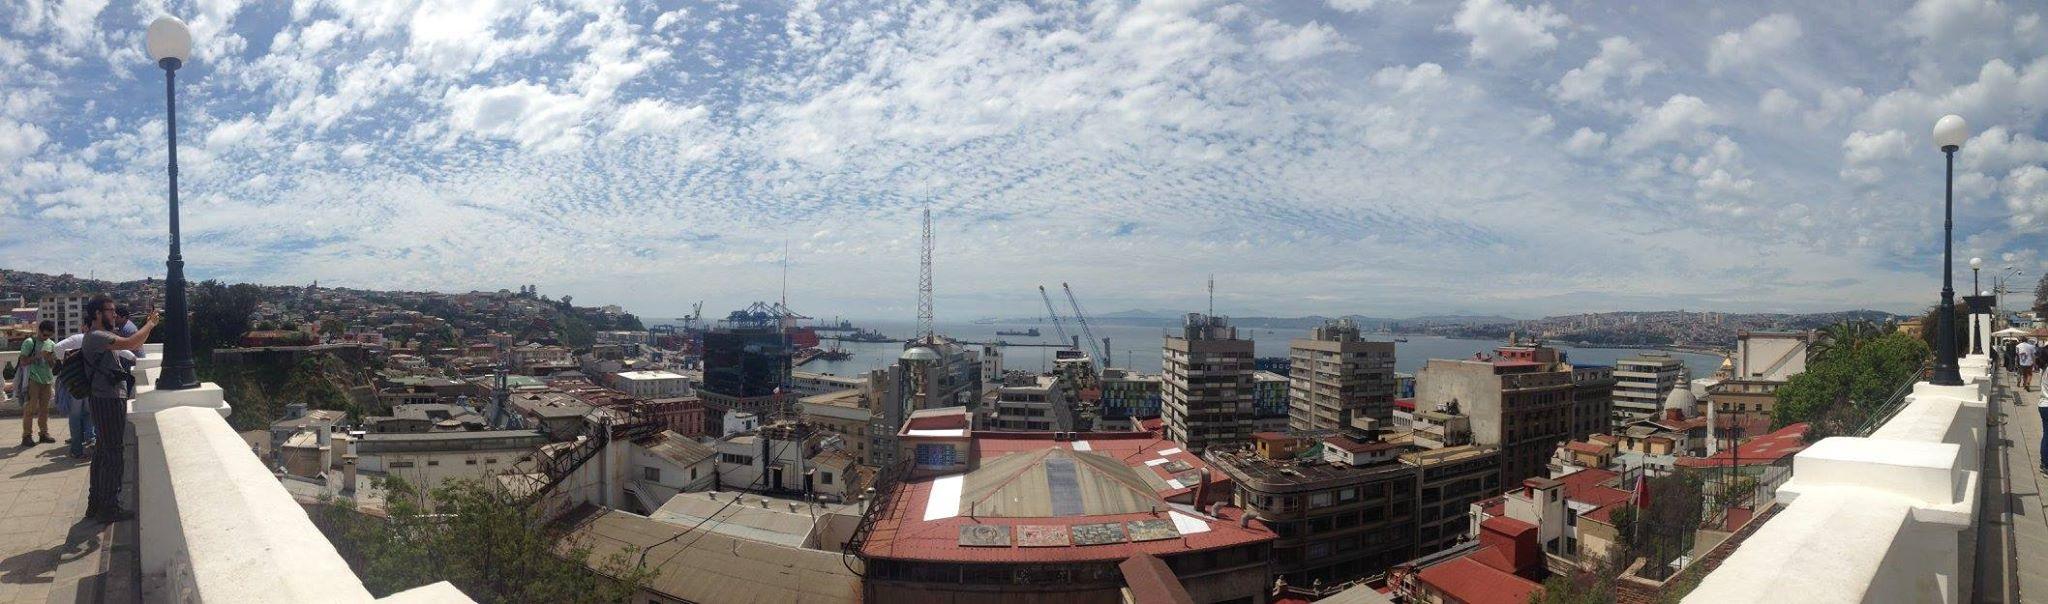 Valparaíso 06